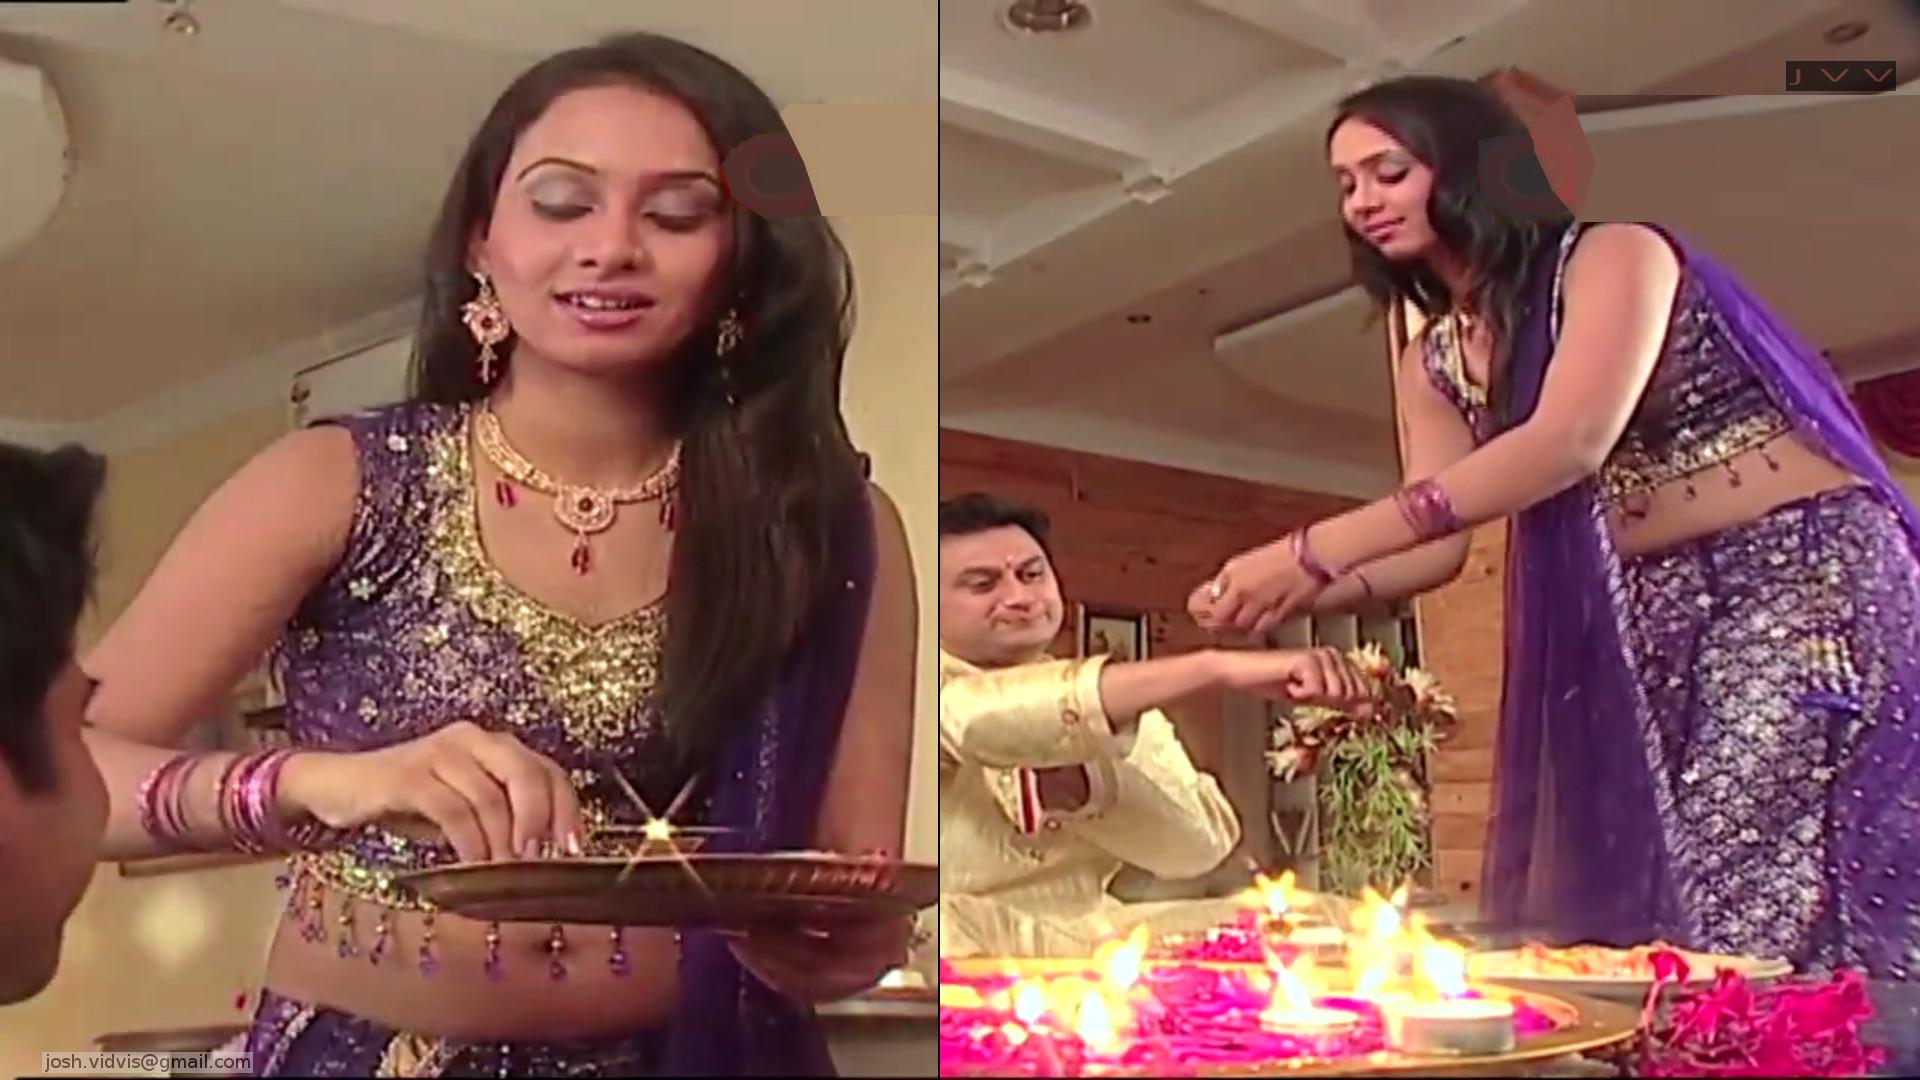 Hindi TV Actress from Niyati serial Navel Show